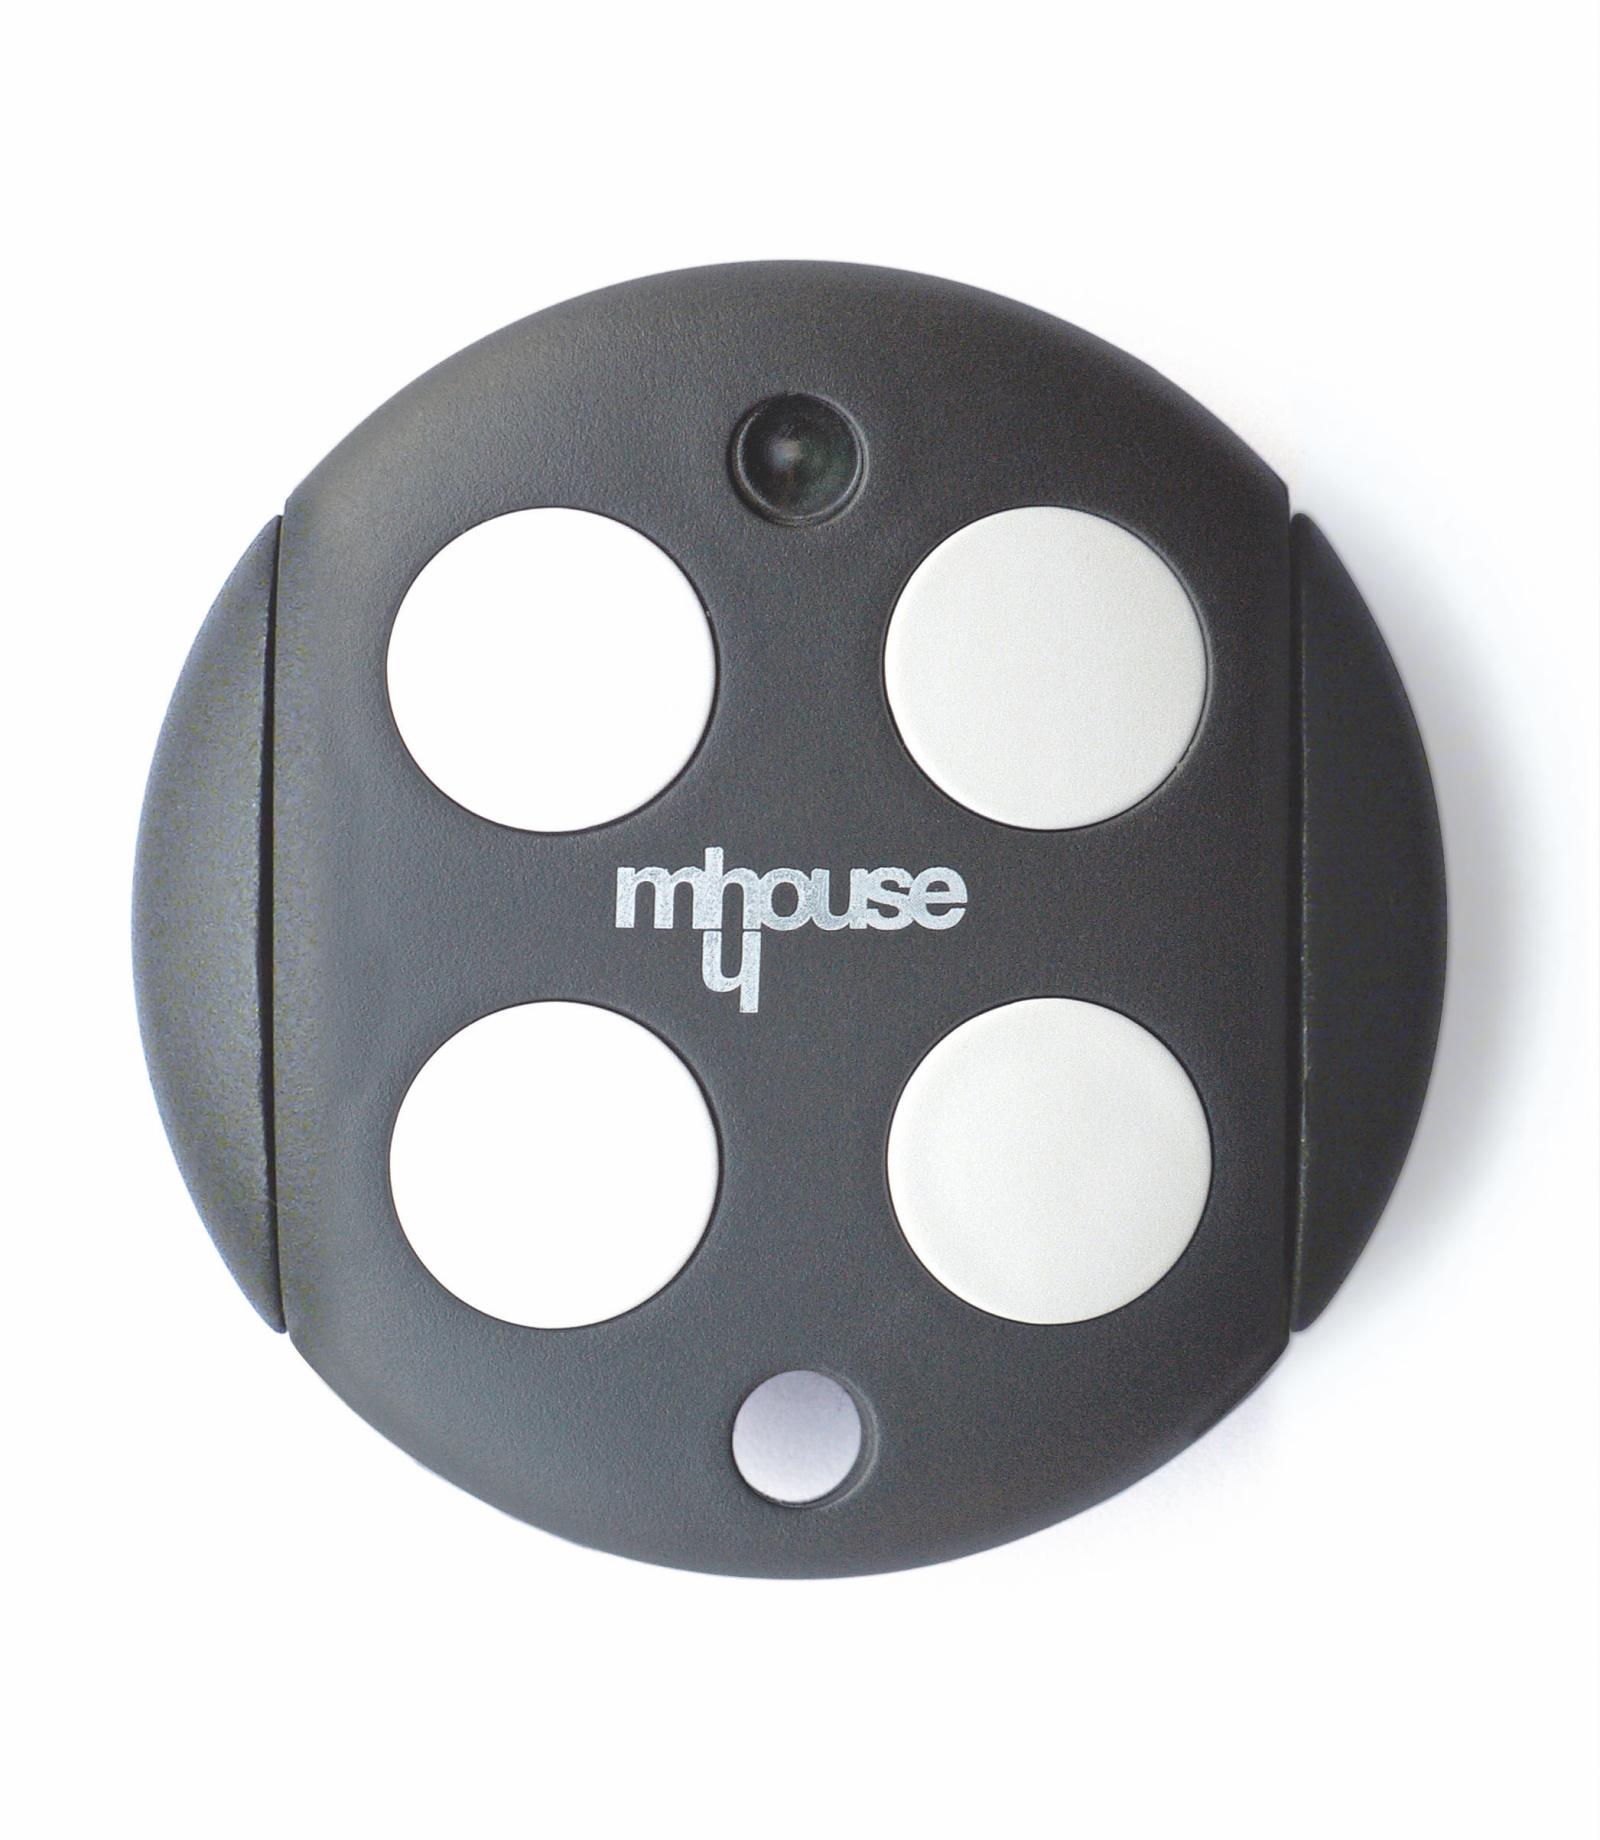 Dálkový ovladač Mhouse GTX4, 4-kanálový ovládač pro pohony Mhouse